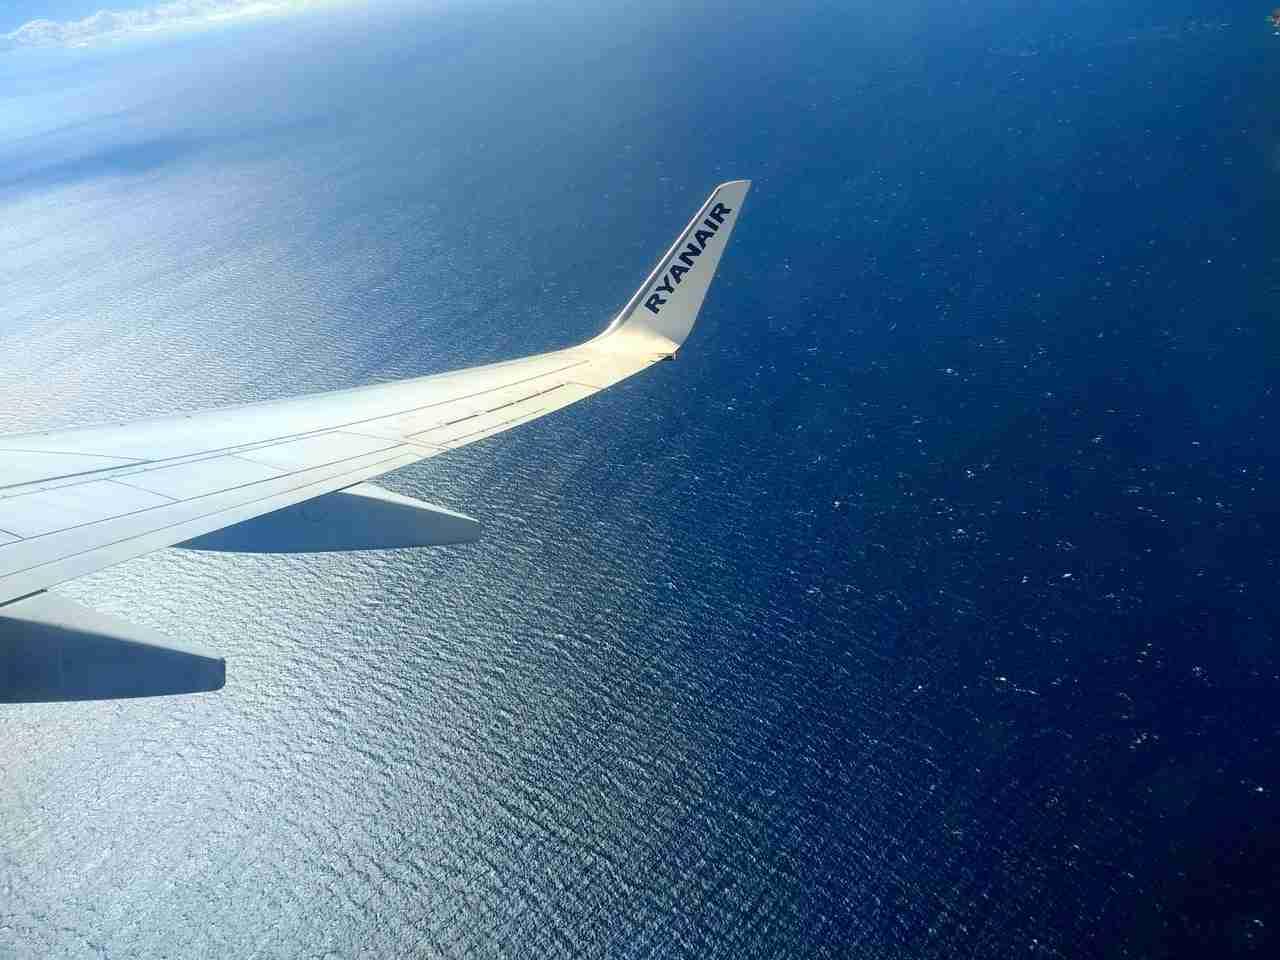 Flug stornieren bei Ryanair